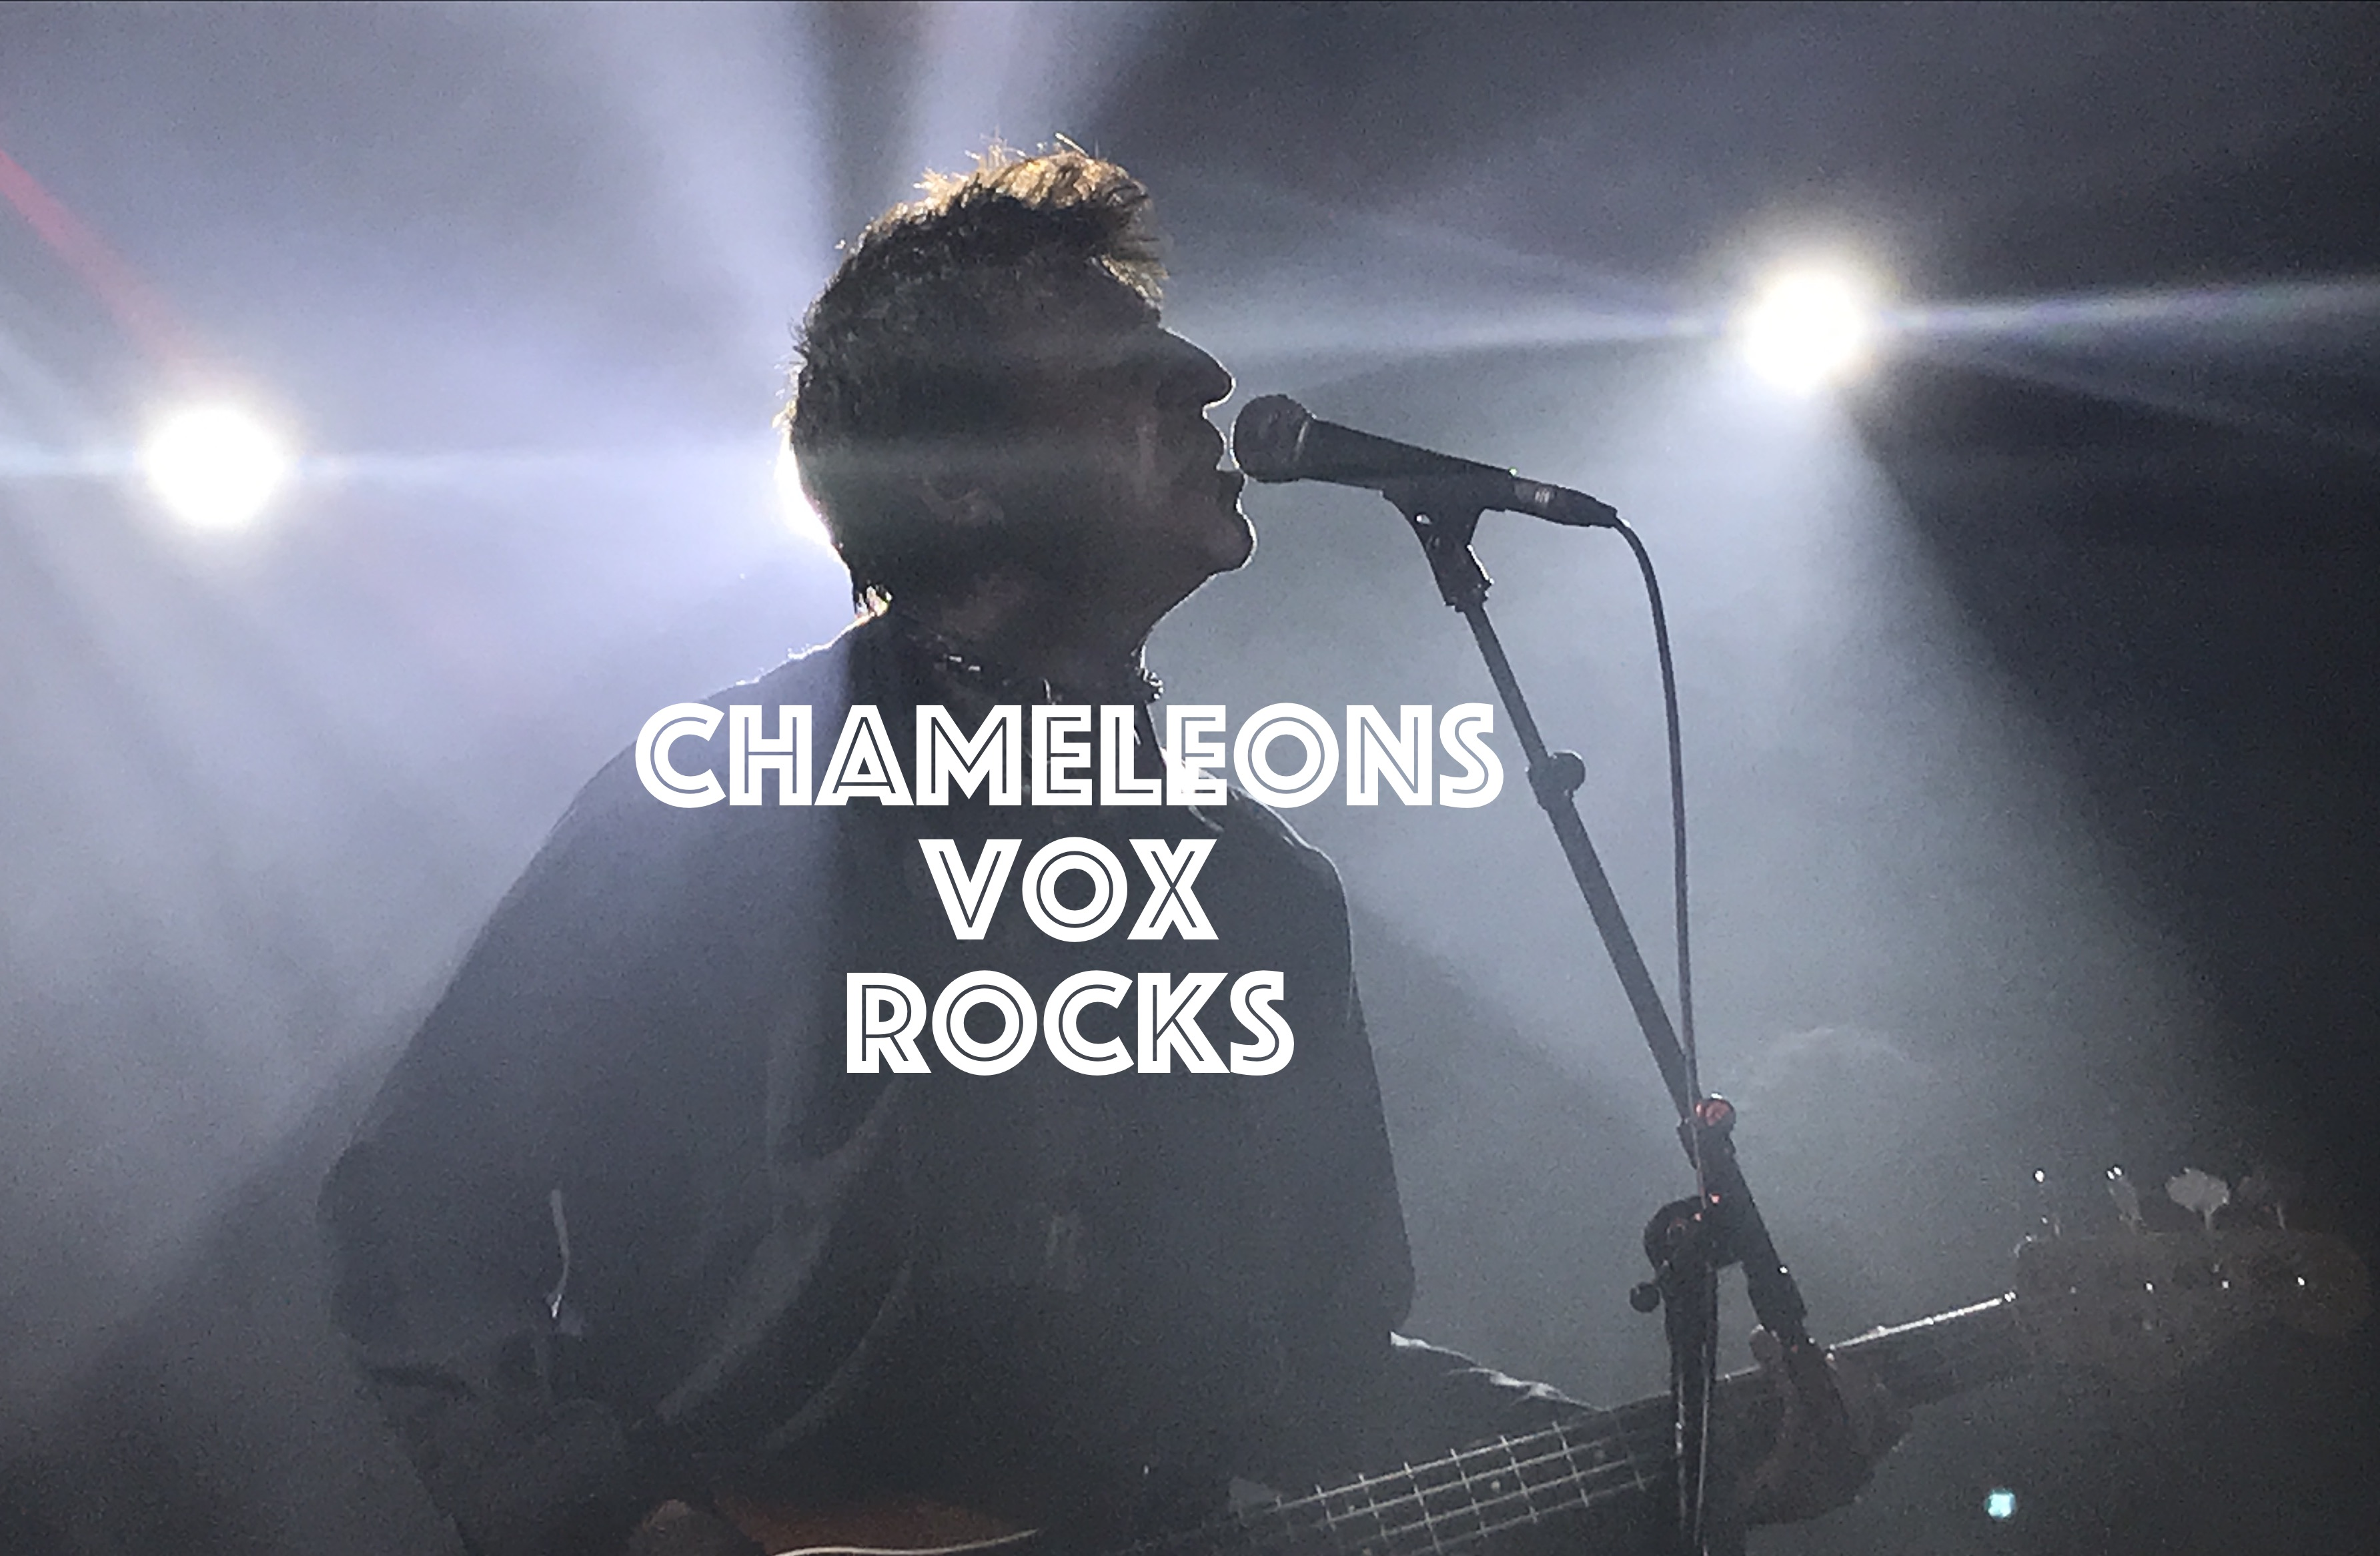 Chameleons Vox Rocks, InnerEdgeMusic.com